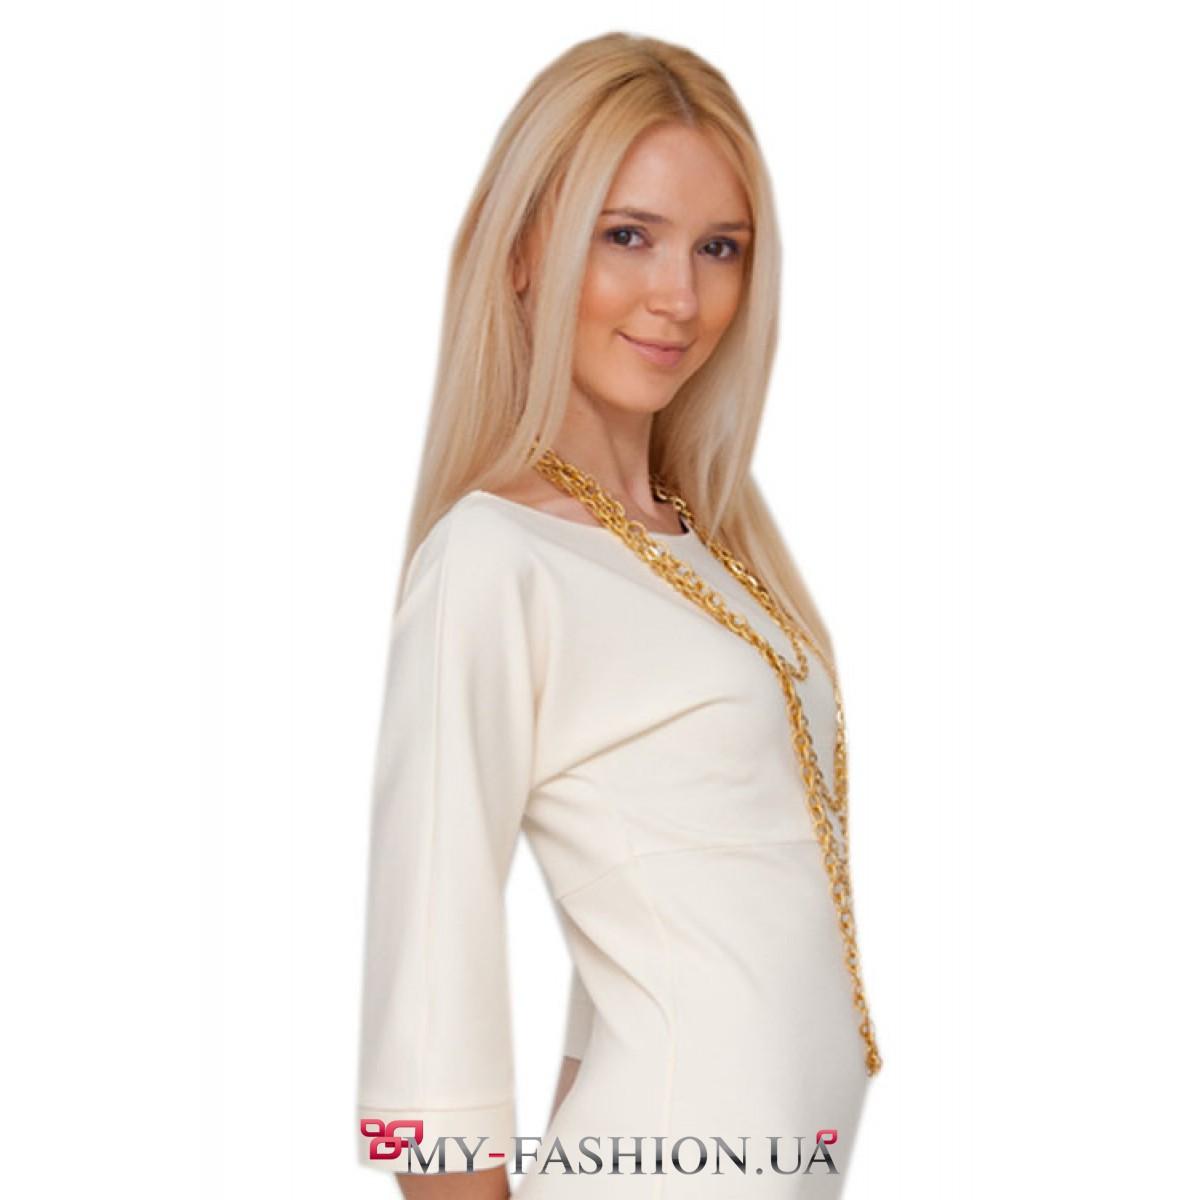 Купить Платье В Цветах Интернет Магазин